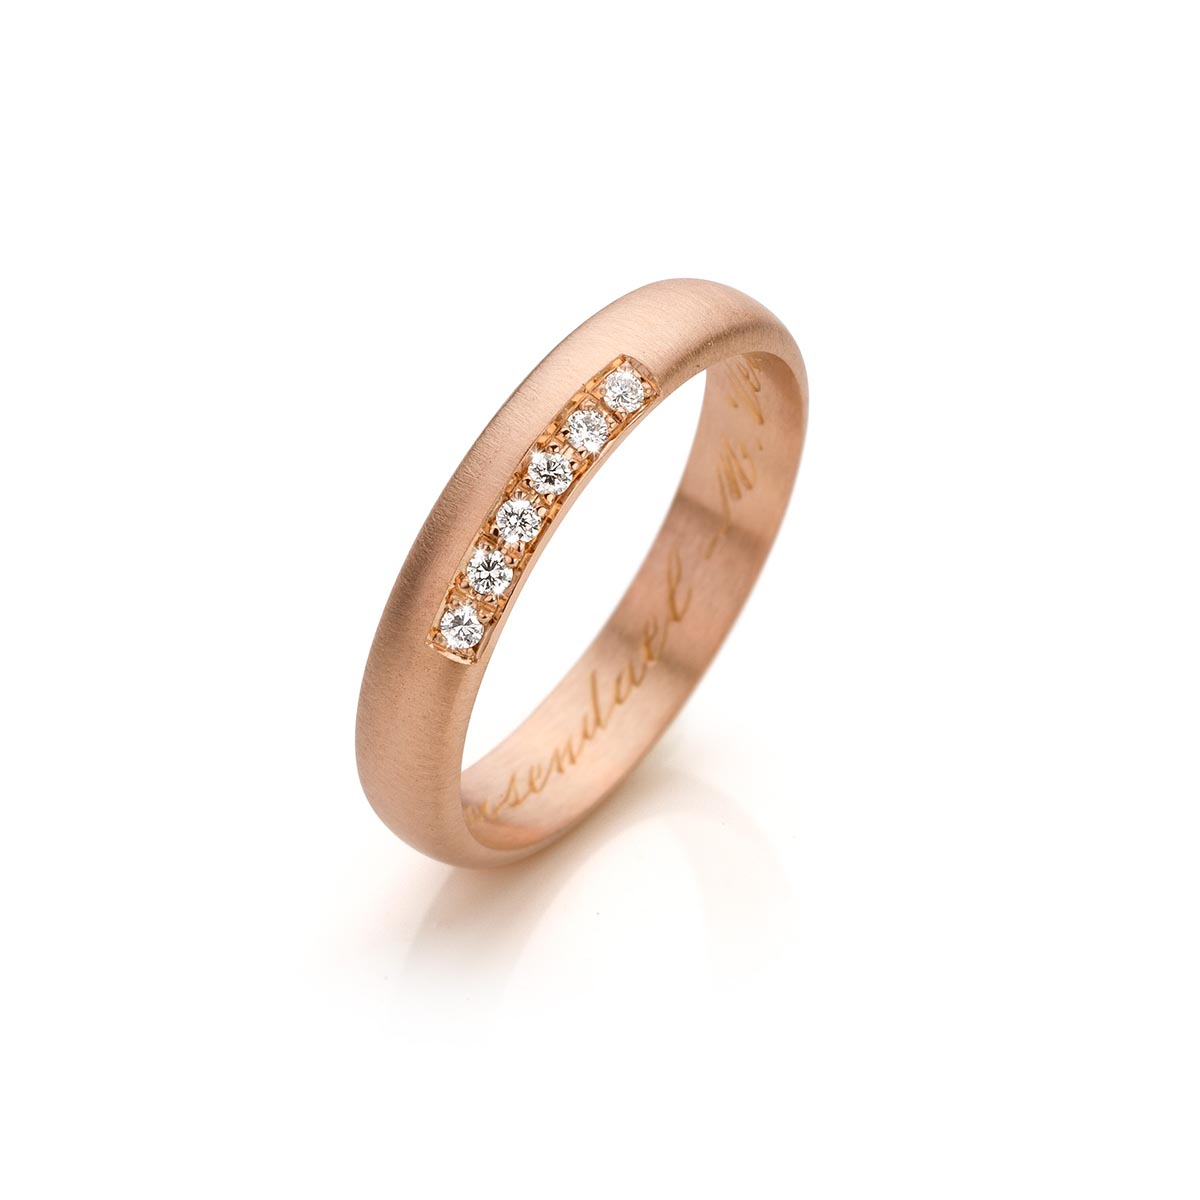 Ines bouwen modified jewelry